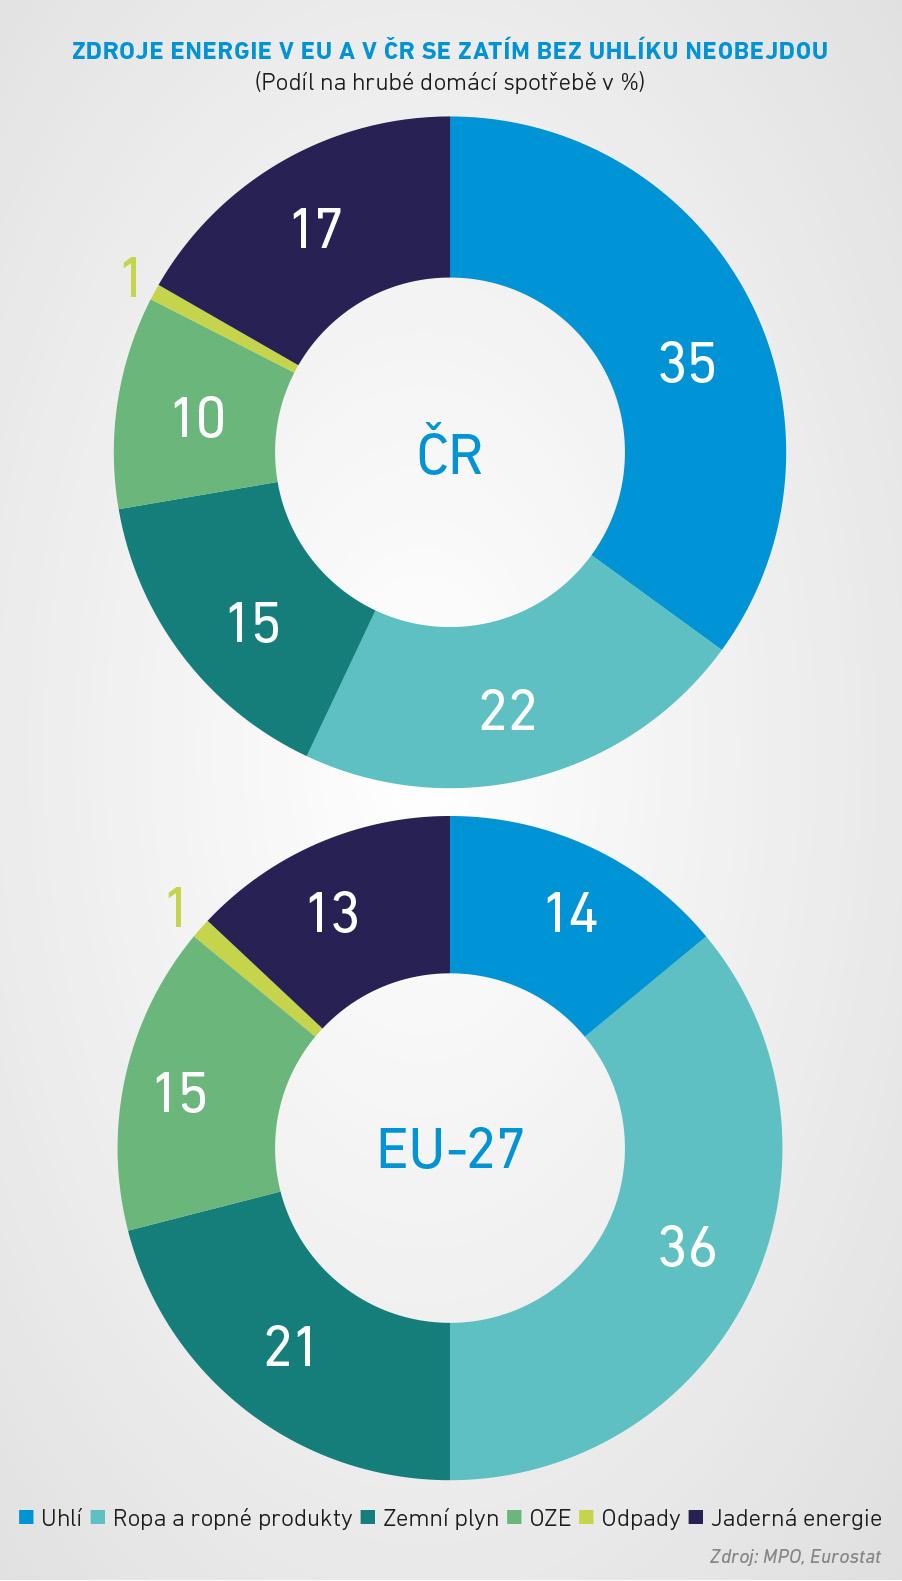 zdroje enregie v čr a eu